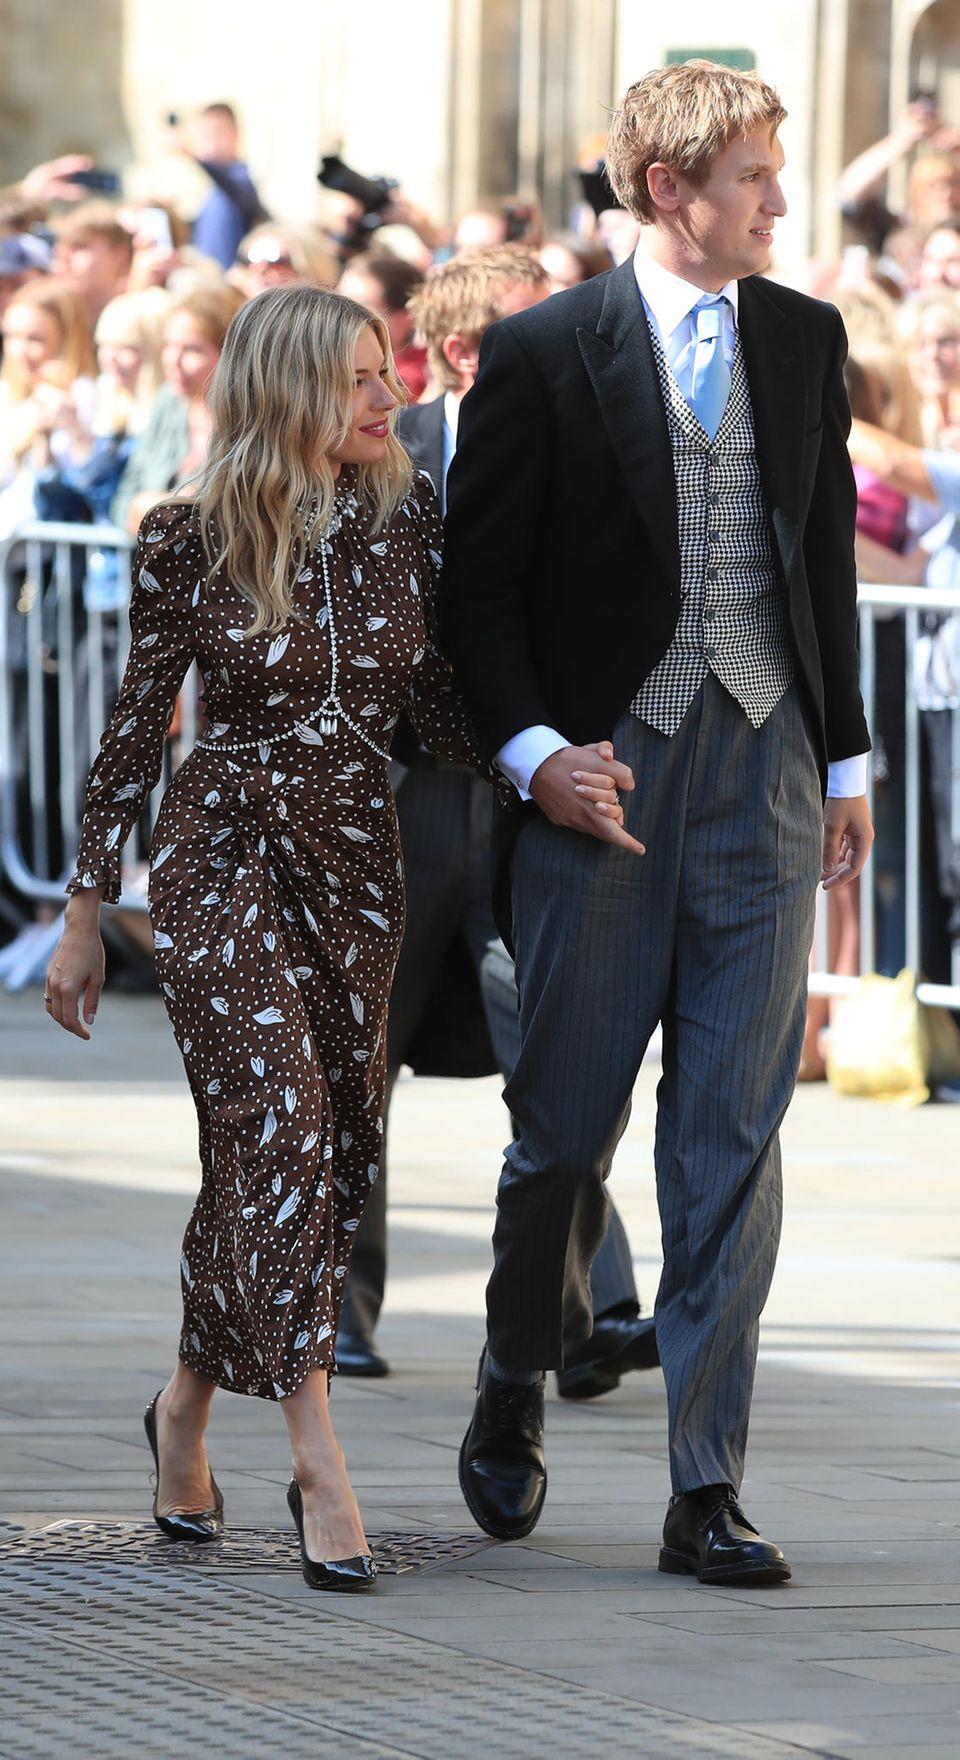 Schauspielerin Sienna Miller zeigt uns, dass dunkelbraun sehr wohl schön sein kann! Das Dress vonAlessandra Rich steht der Fashionista einfach hervorragend! Sie erscheint ander Seite ihres Freundes Lucas Zwirner.